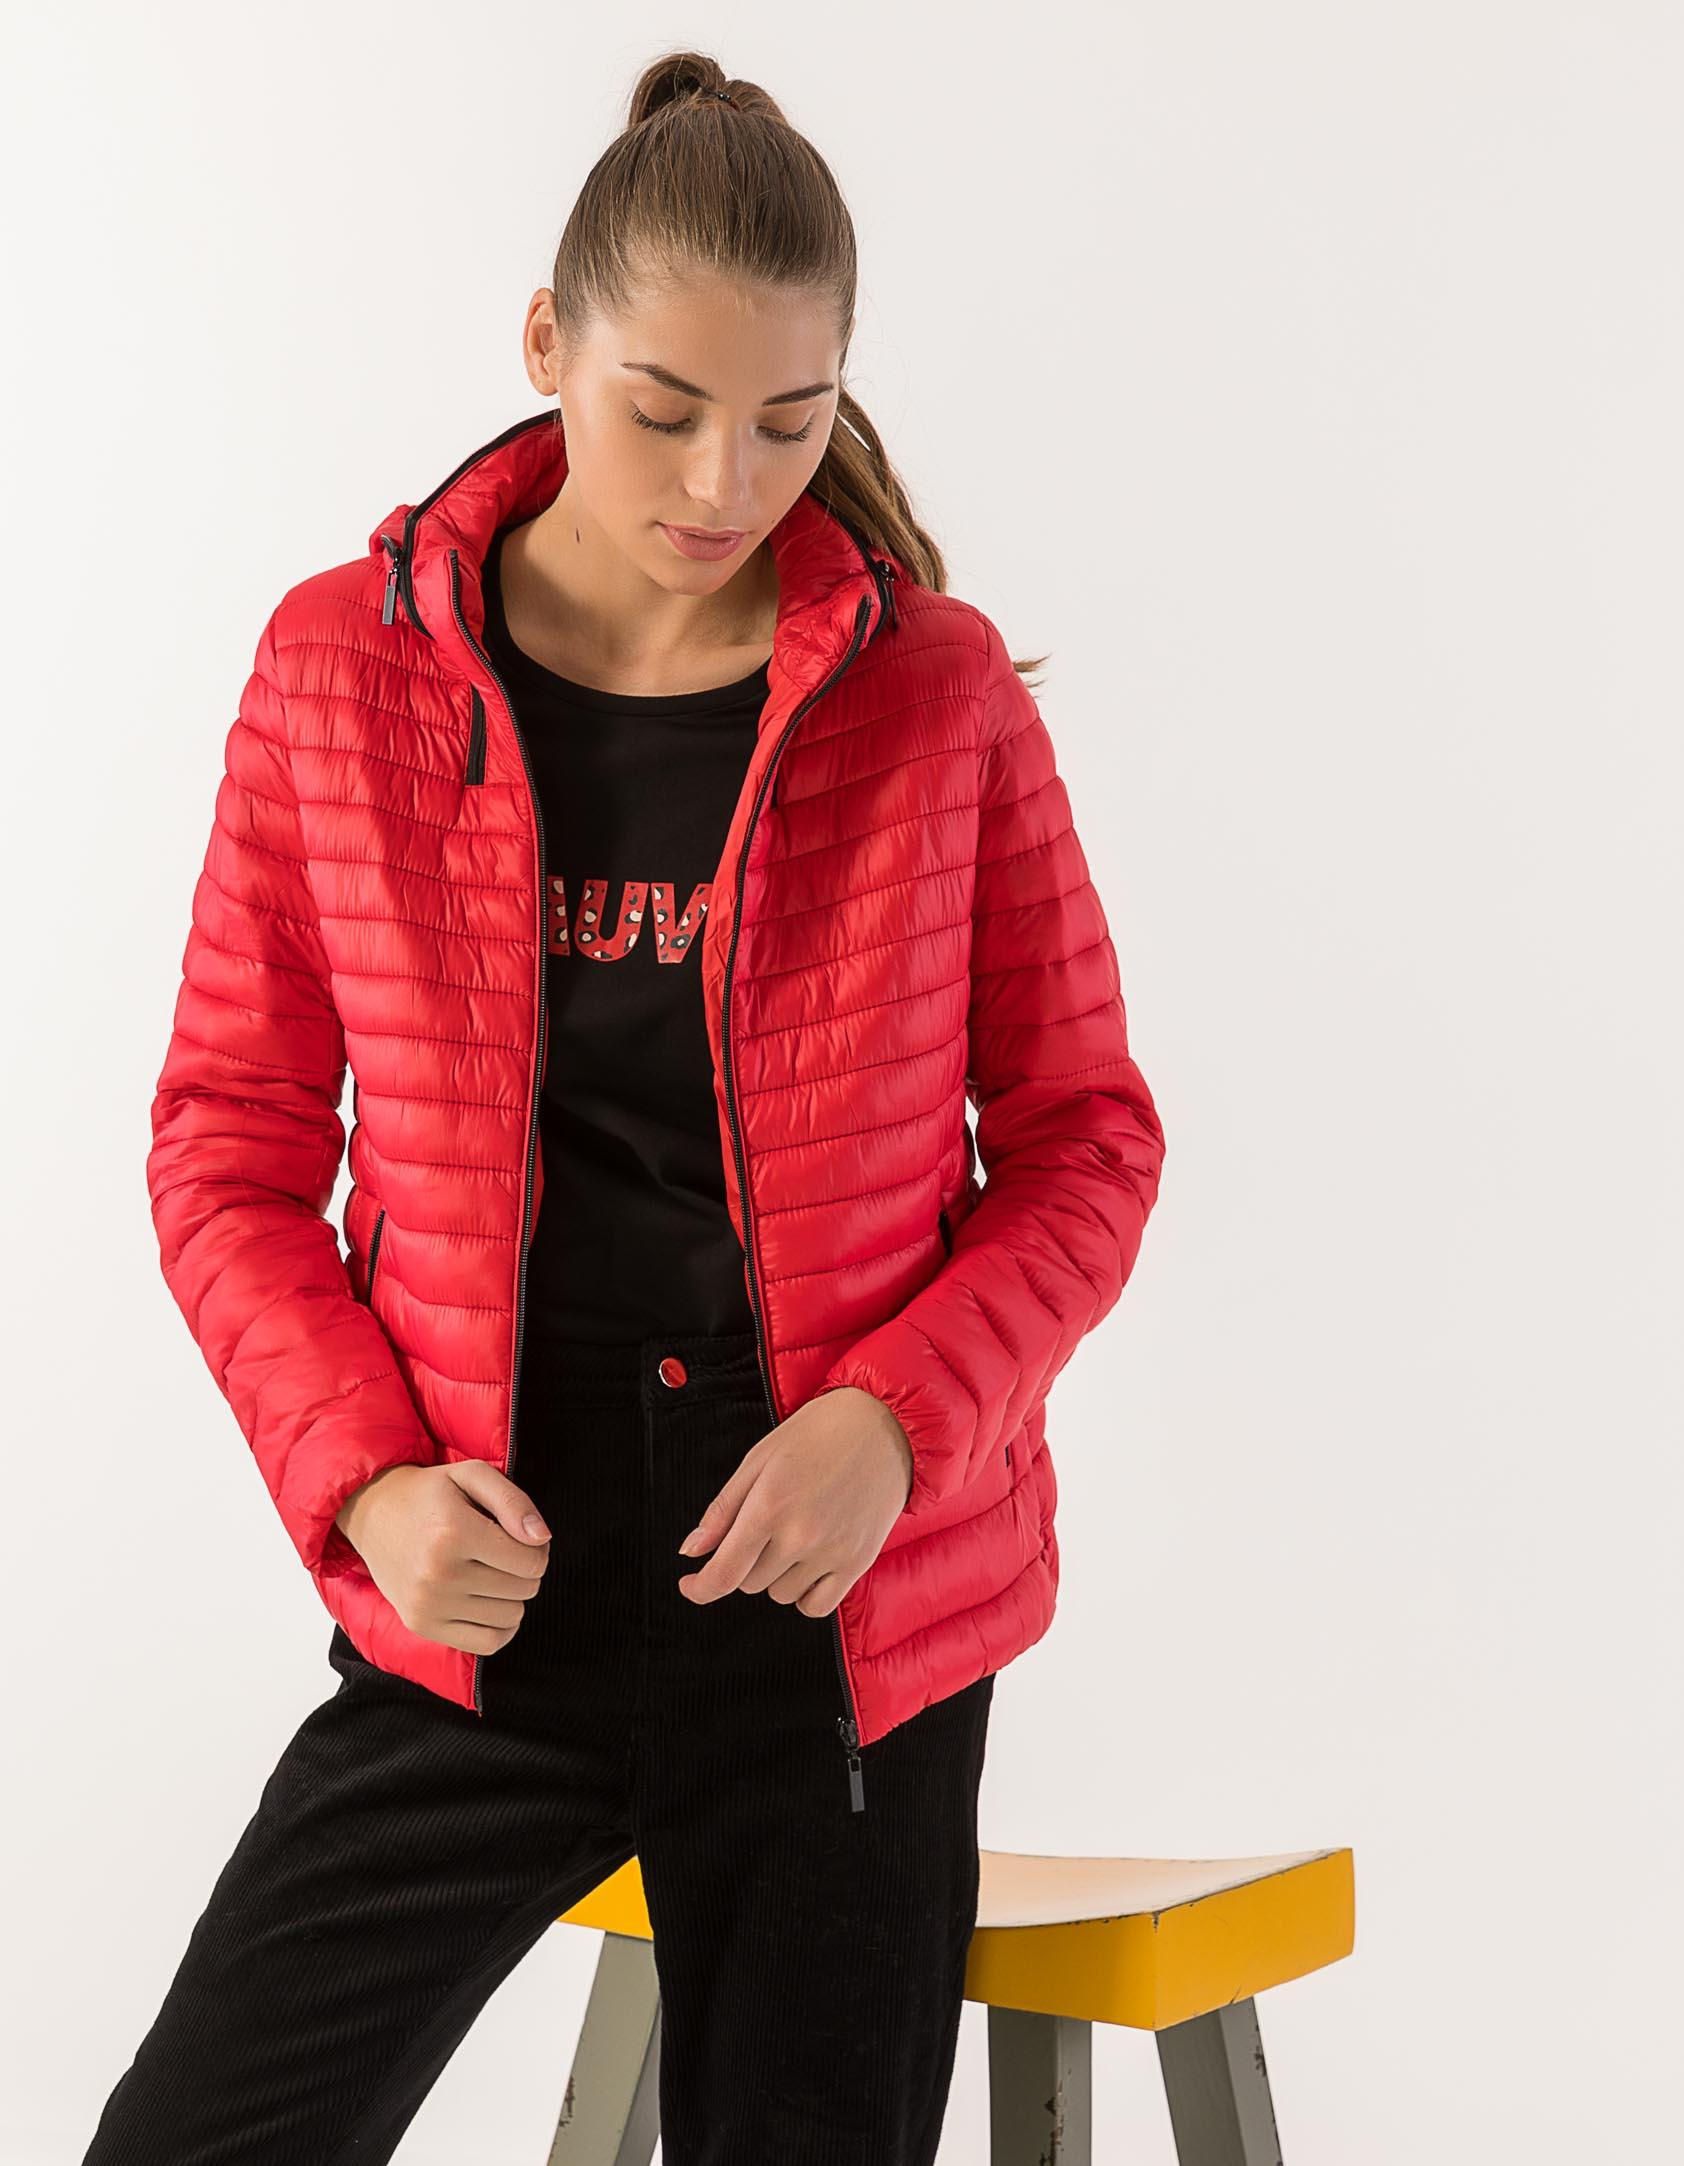 f30eb41aeaa6 ... Fashion Κοντό καπιτονέ μπουφάν με κρυφή κουκούλα στο γιακά. -33%. Issue  ...